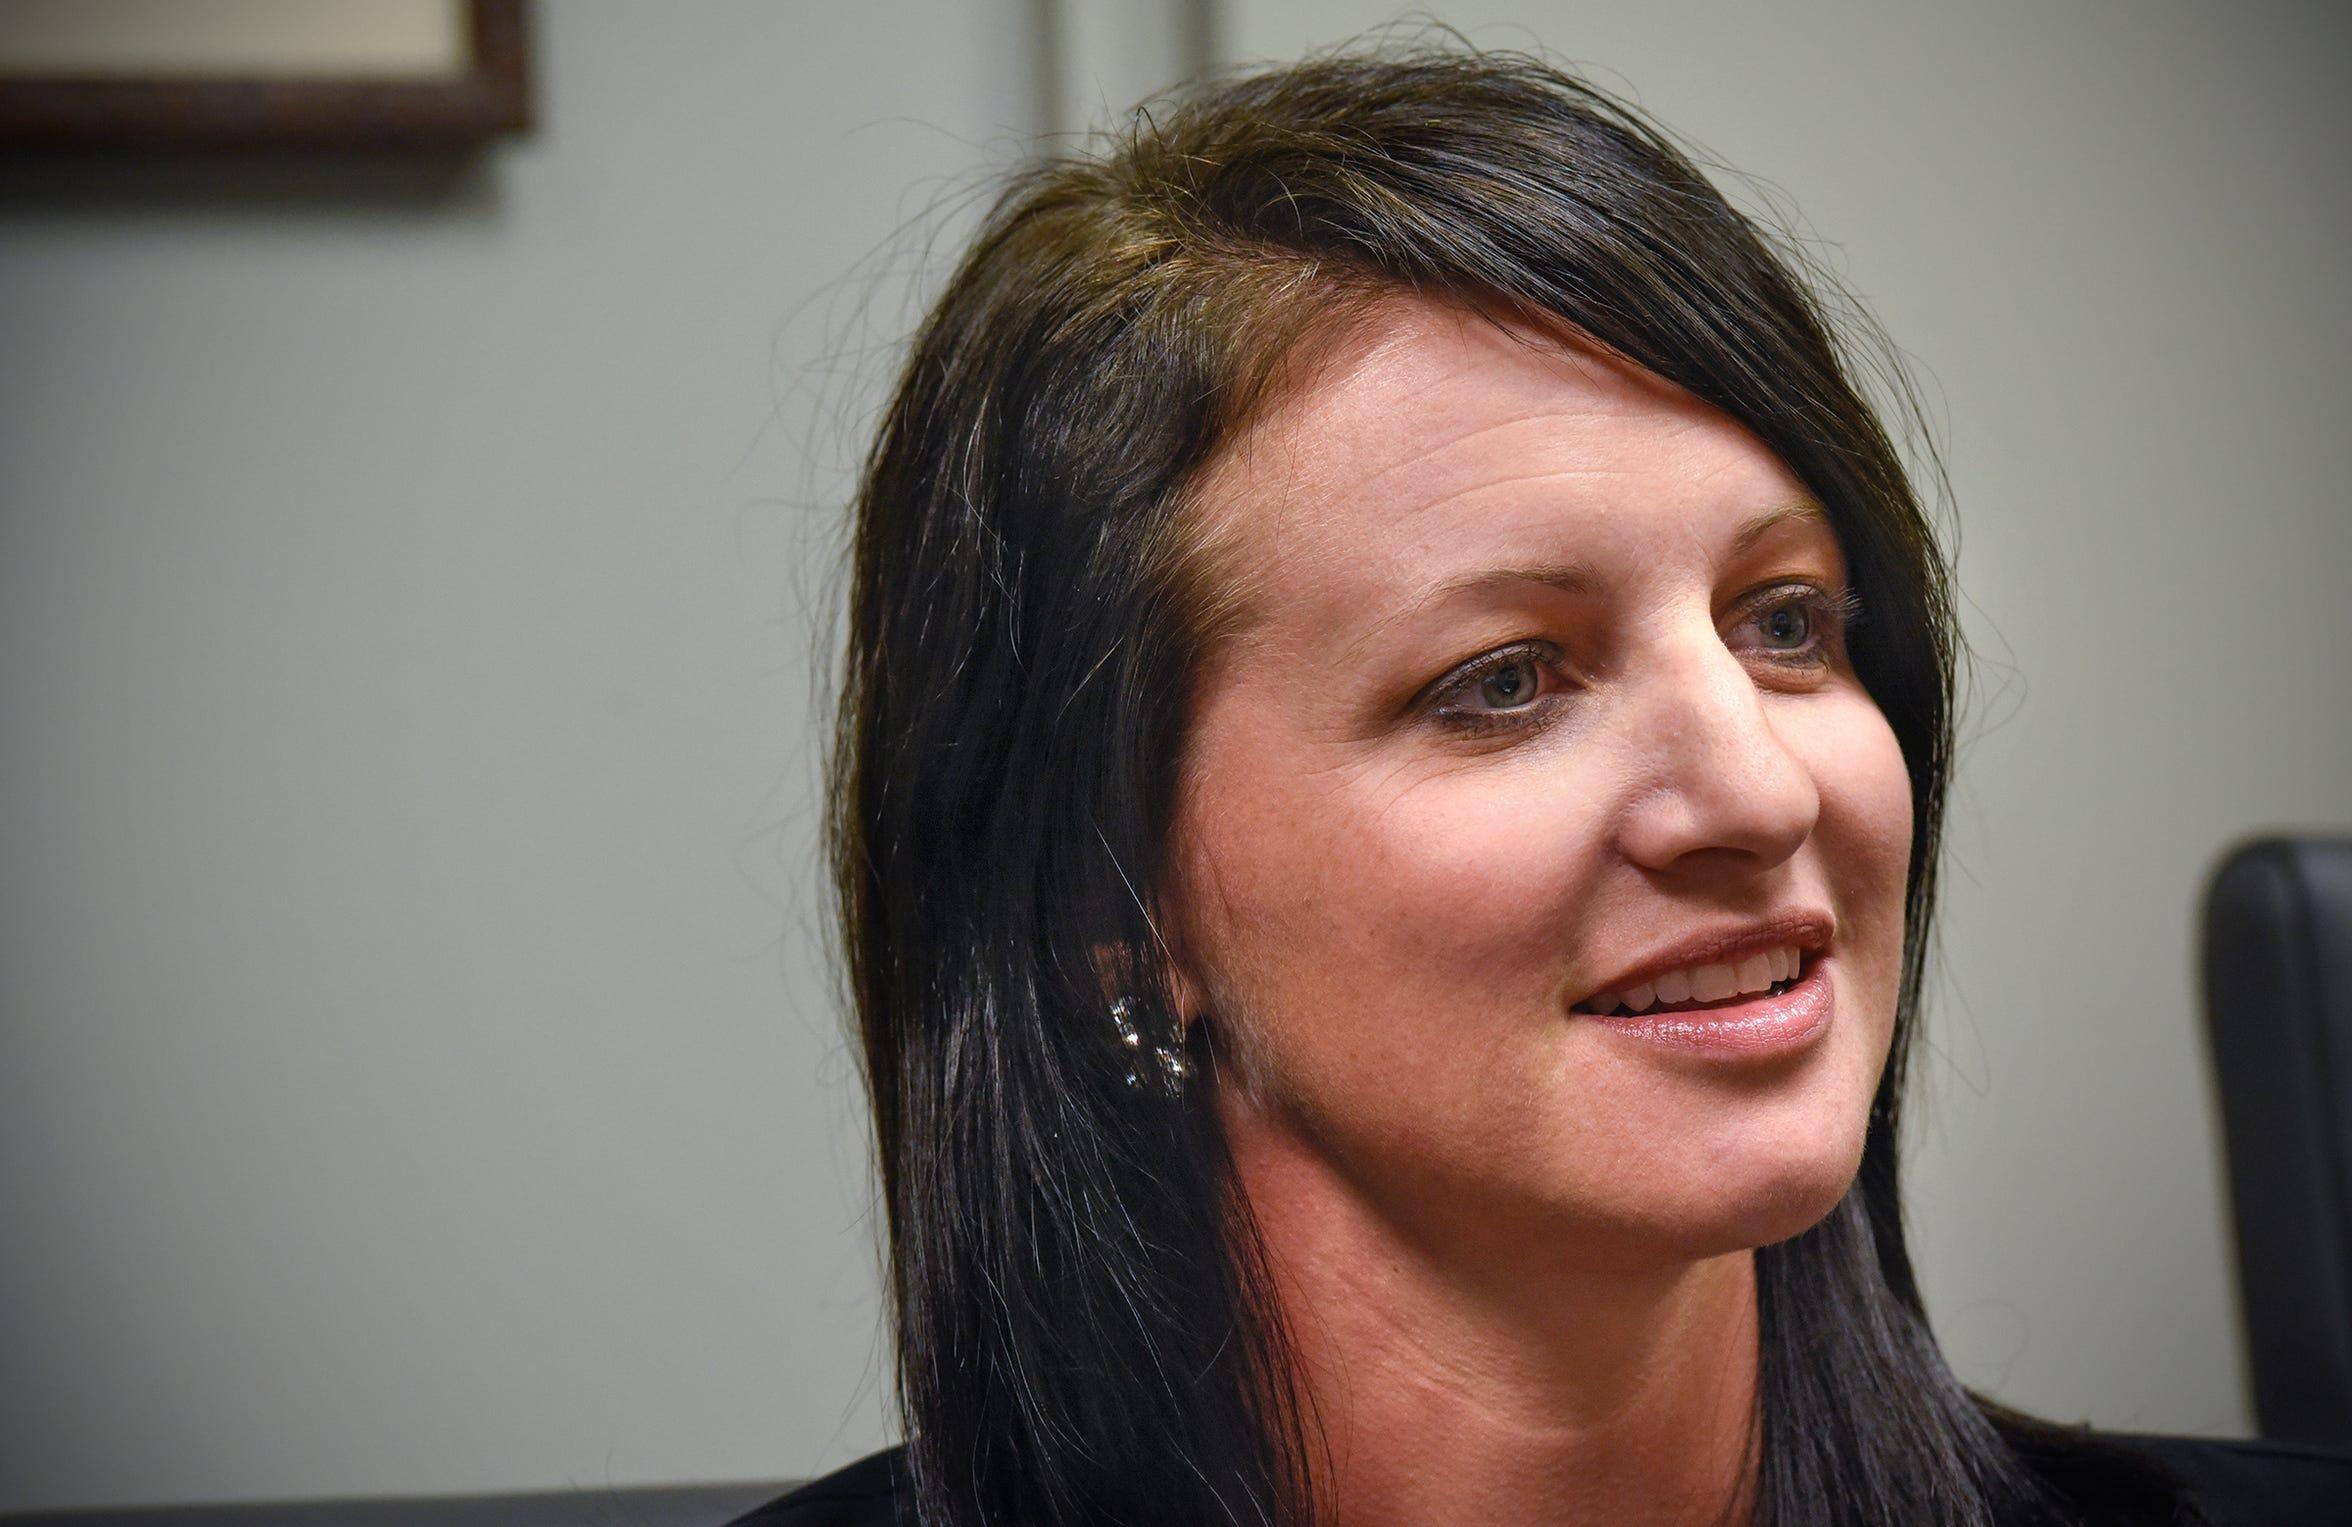 Moss & Barnett Business Development Director Shannon Wiger talks about her work during an interview Wednesday, Dec. 12, in St. Cloud.